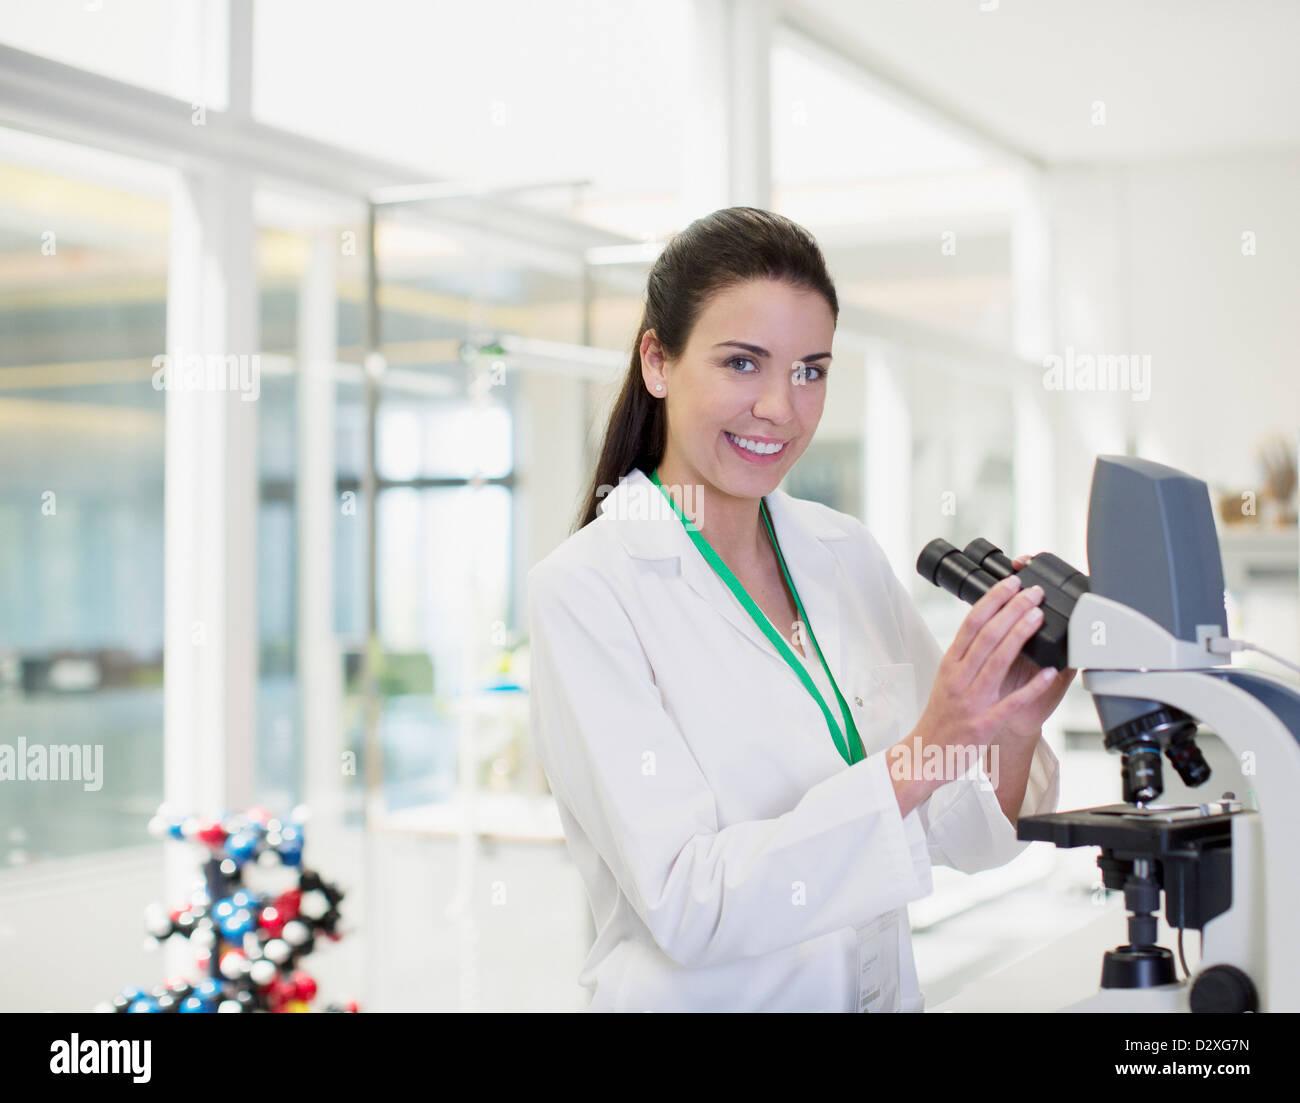 Retrato de confianza científico utilizando microscopio en laboratorio Imagen De Stock